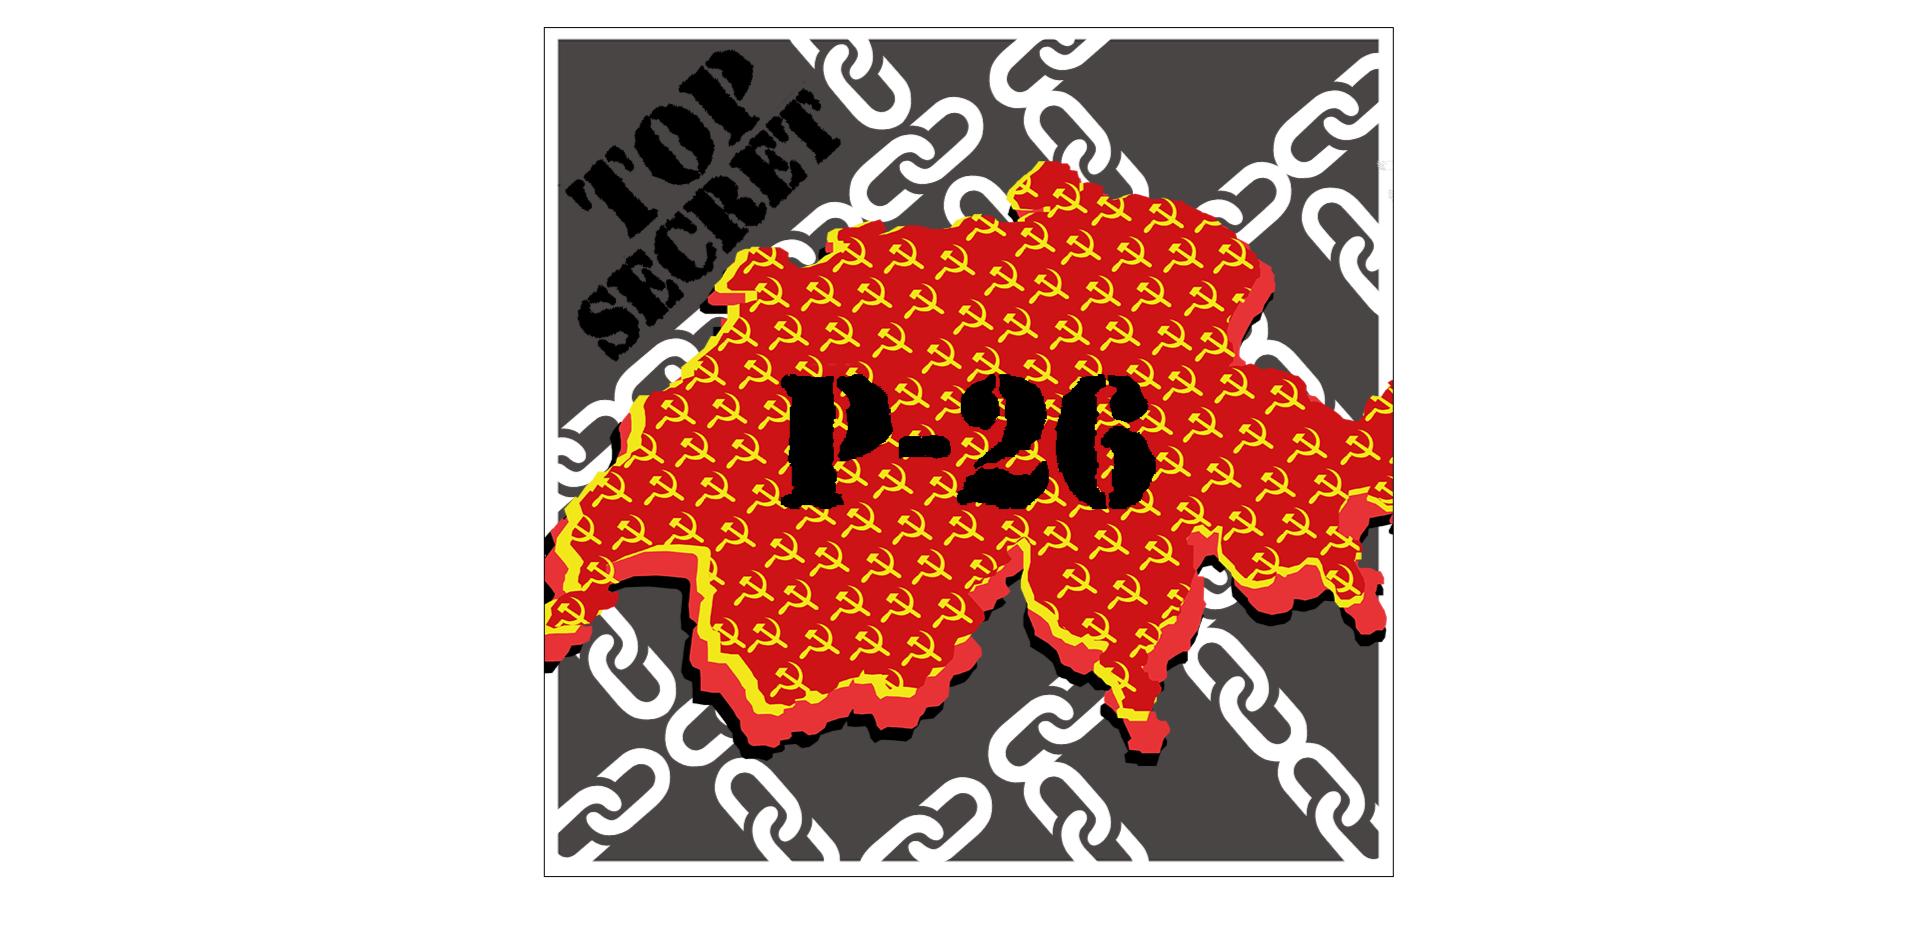 Scoprite in cosa consiste la leggendaria organizzazione segreta svizzera chiamata P-26!